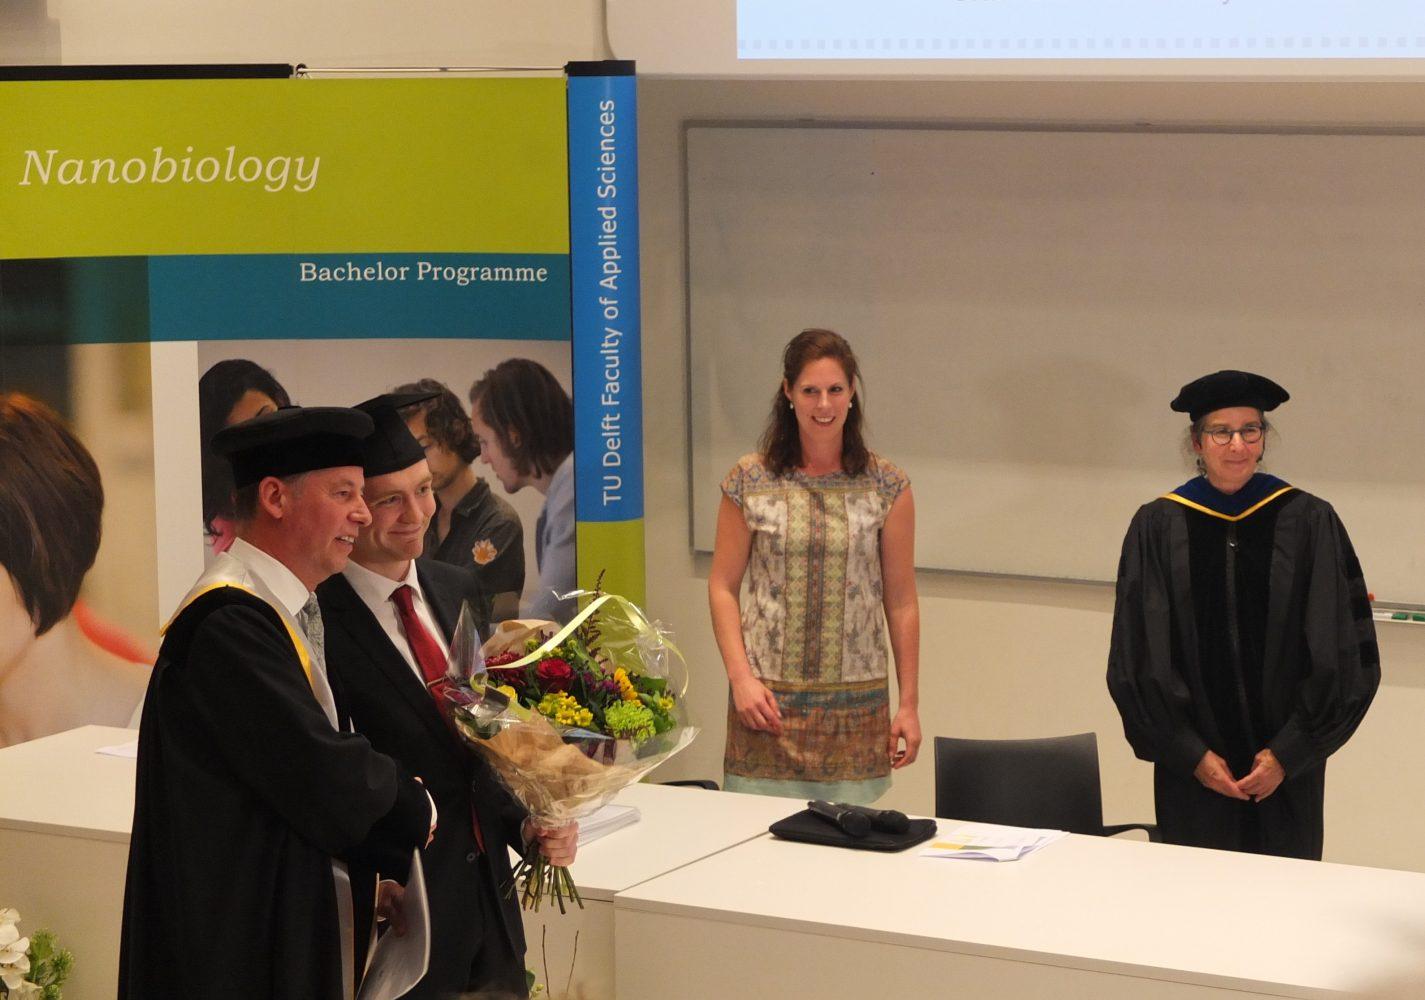 Nanobiology graduate